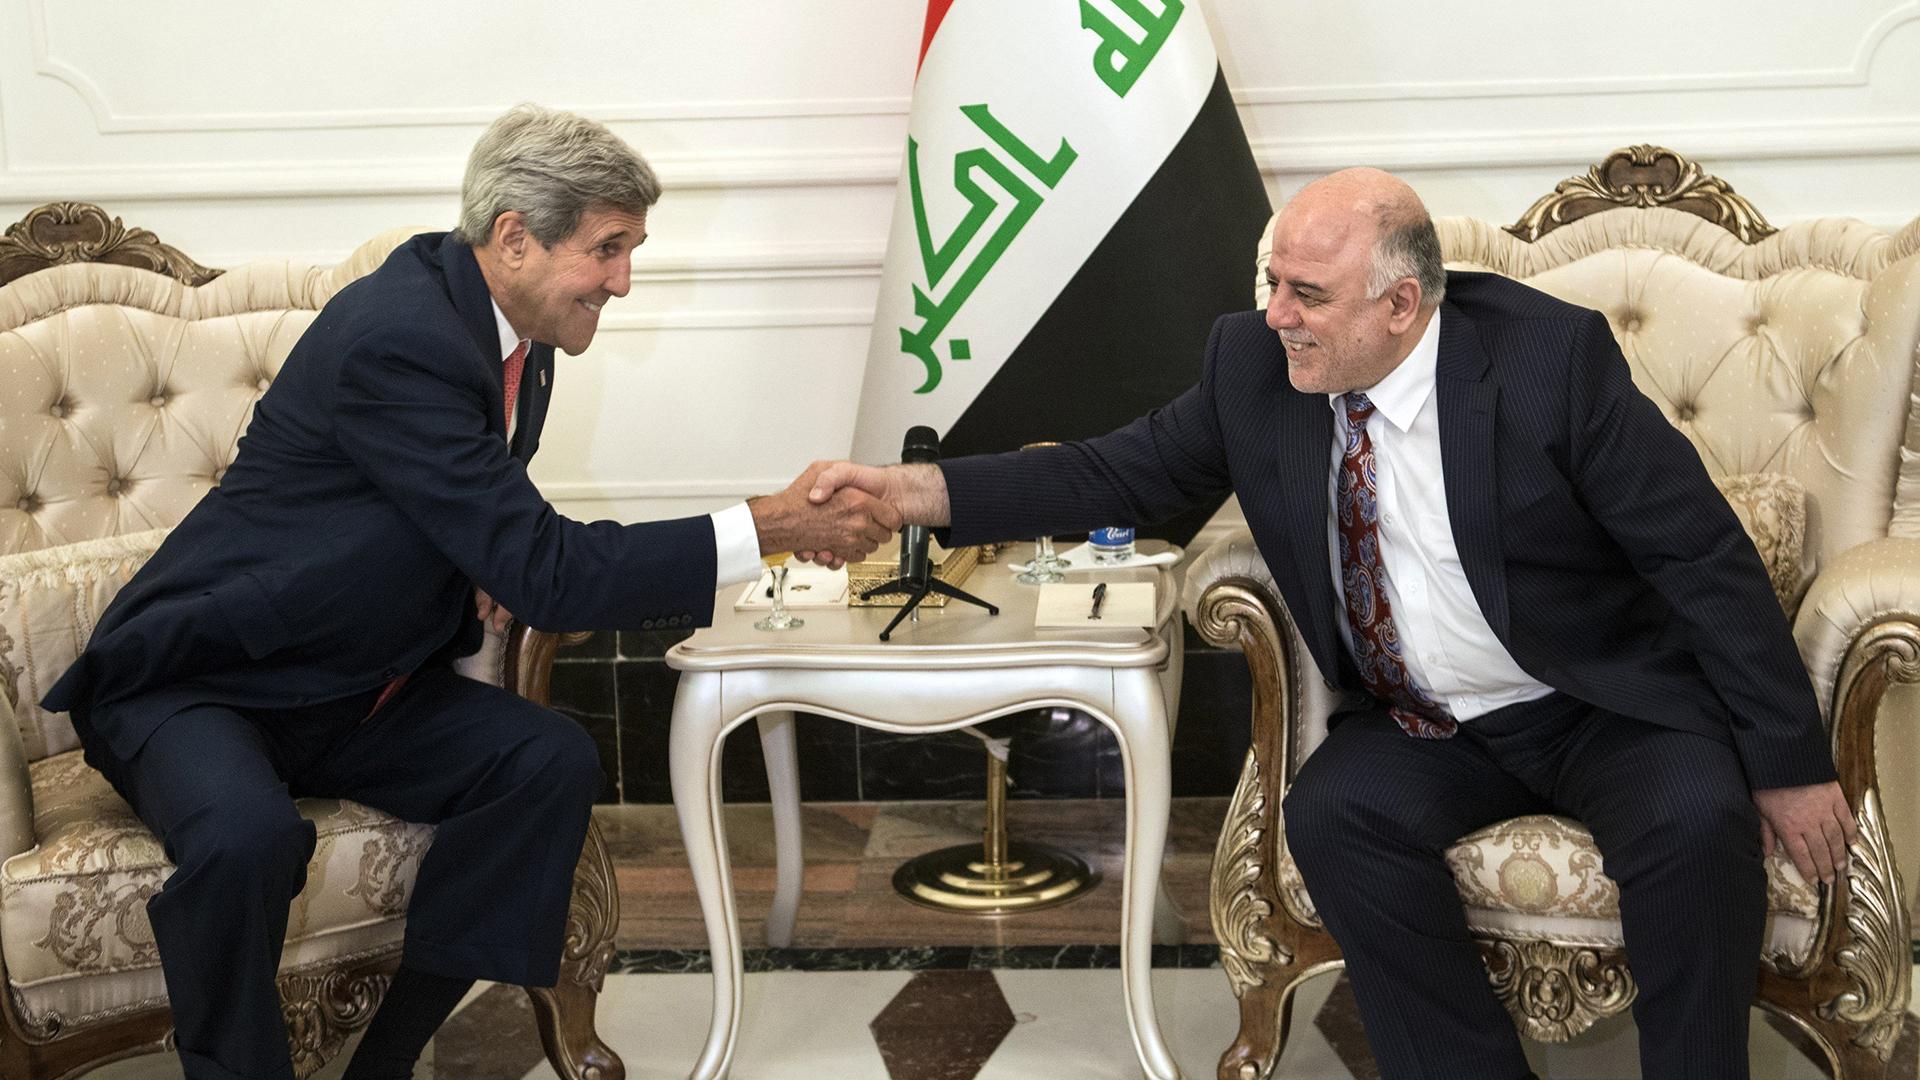 شروط امريكية في مقابل تعهدها بالقضاء على تنظيم الدولة الإسلامية